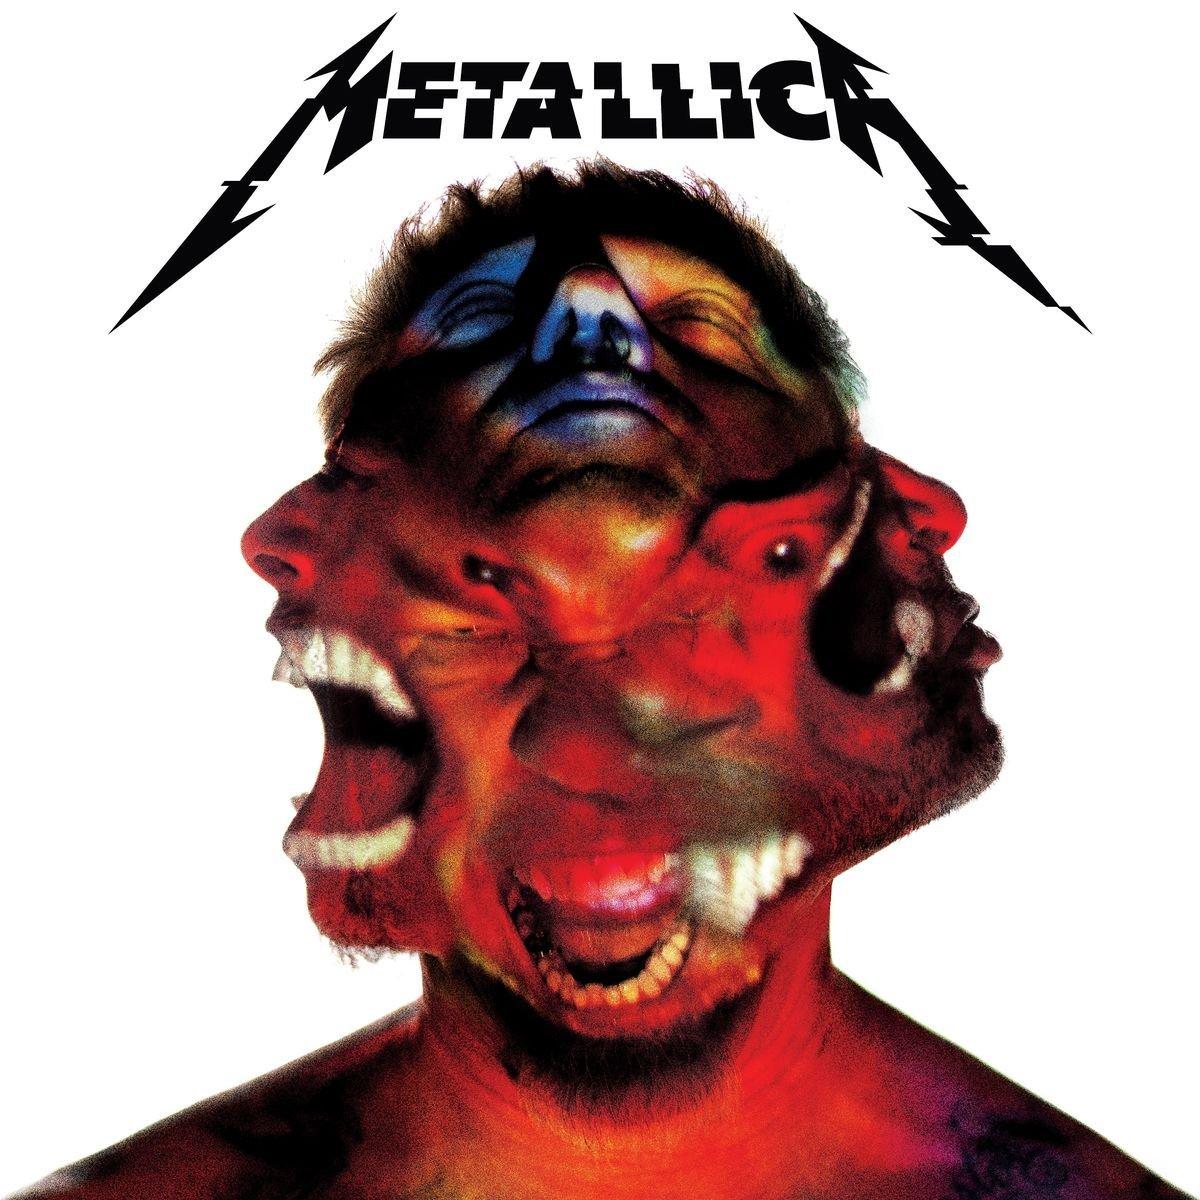 Vinile Metallica - Hardwired To Self-Destruct (3 Coloured Lp+Cd) NUOVO SIGILLATO, EDIZIONE DEL 18/11/2016 SUBITO DISPONIBILE